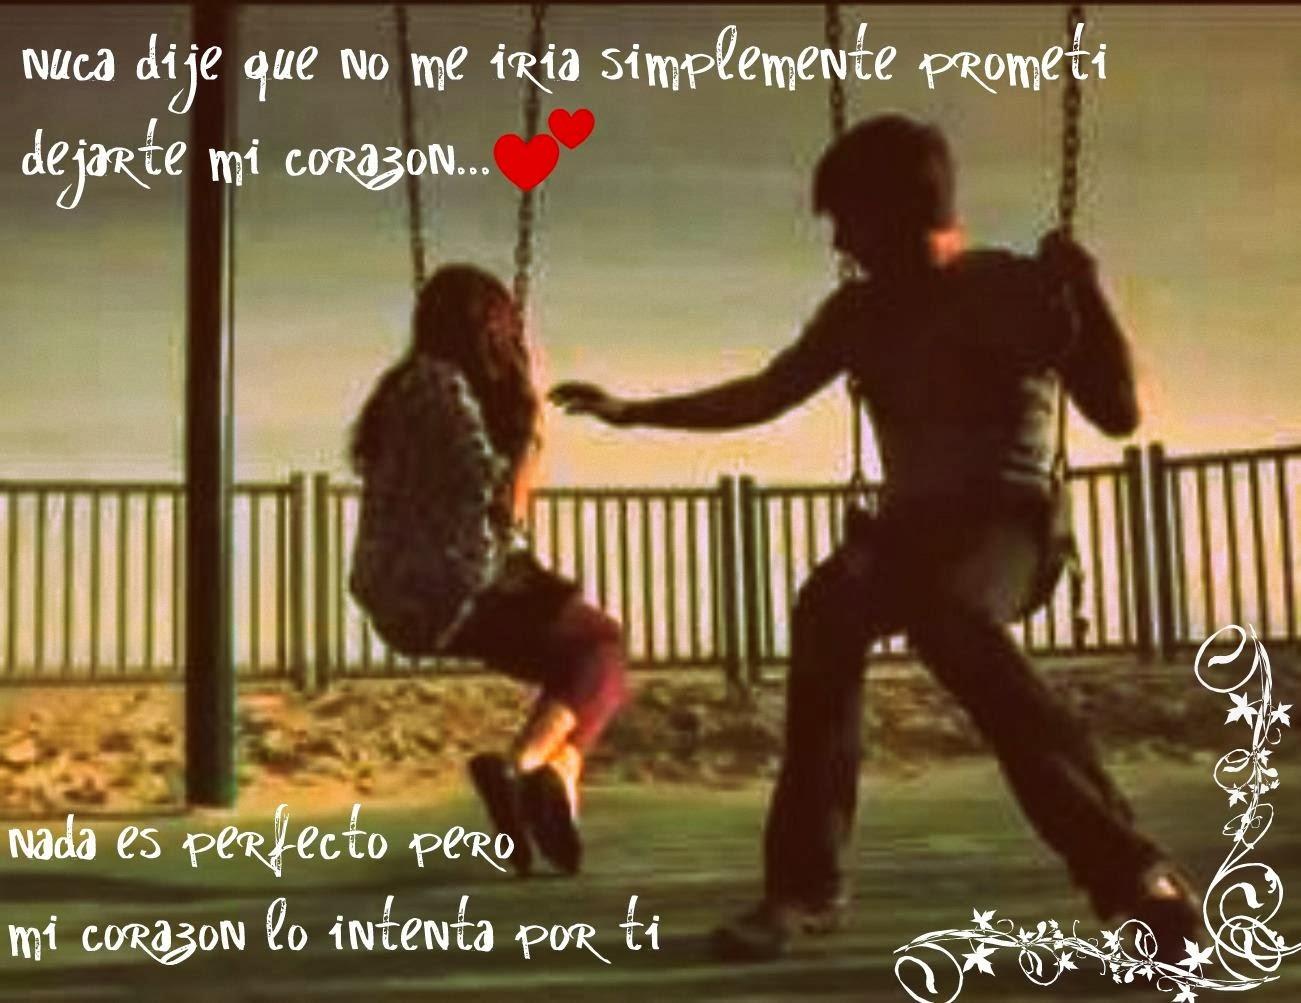 Frases De Amor Incondicional 3 A: Imagenes Lindas Para Compartir Fb: Imágenes De Amor Con